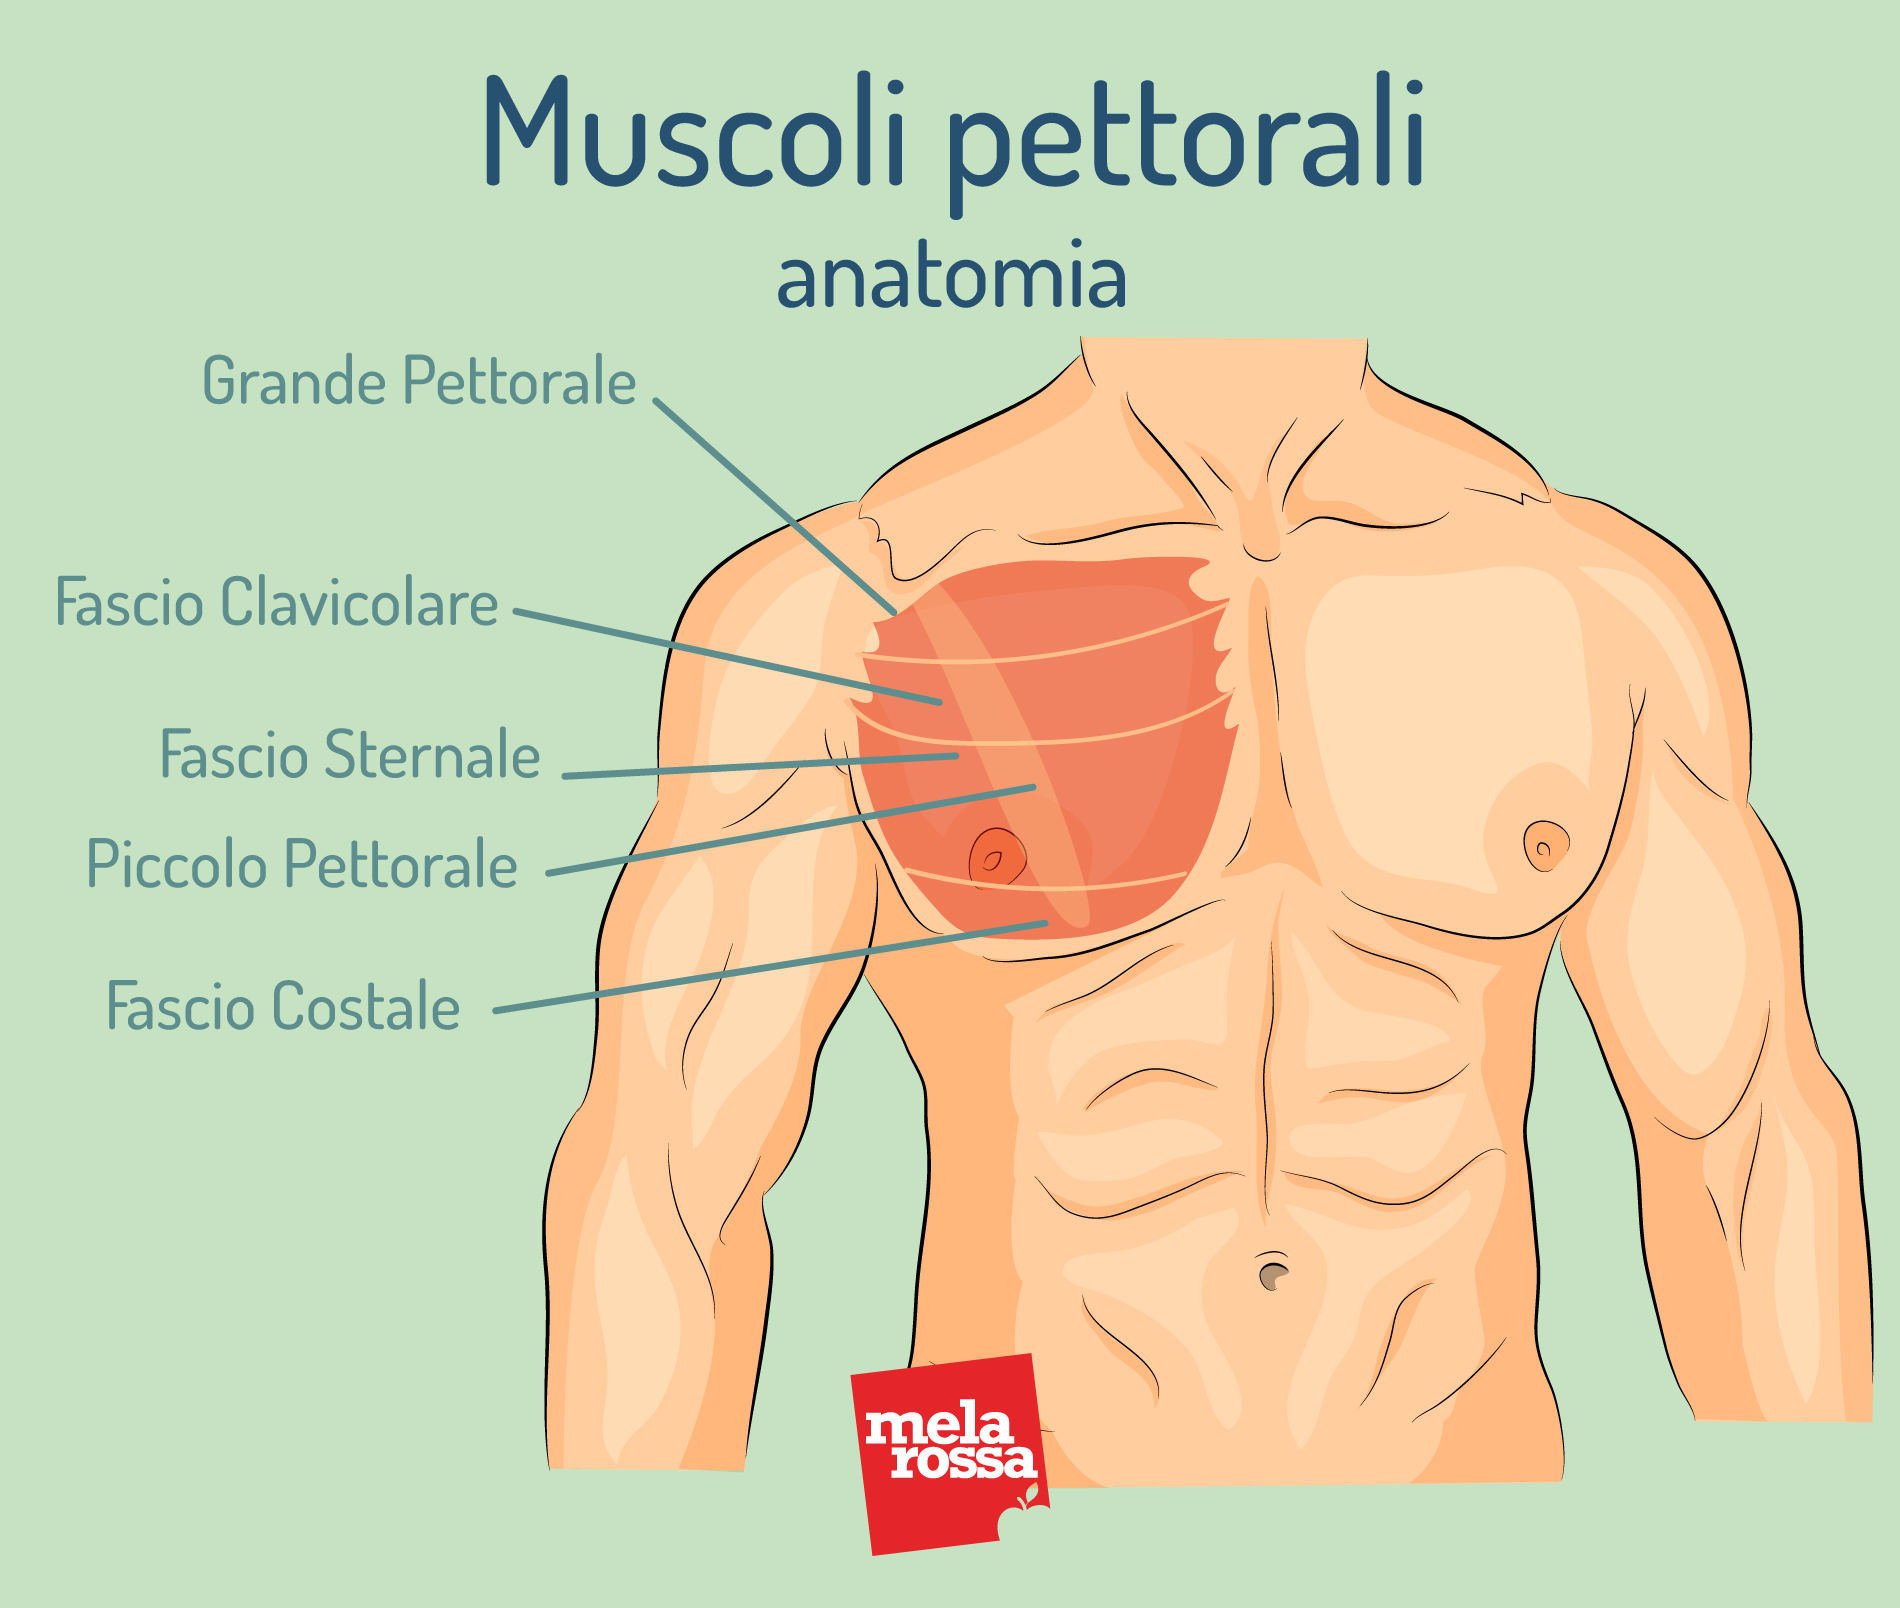 muscoli pettorali: anatomia